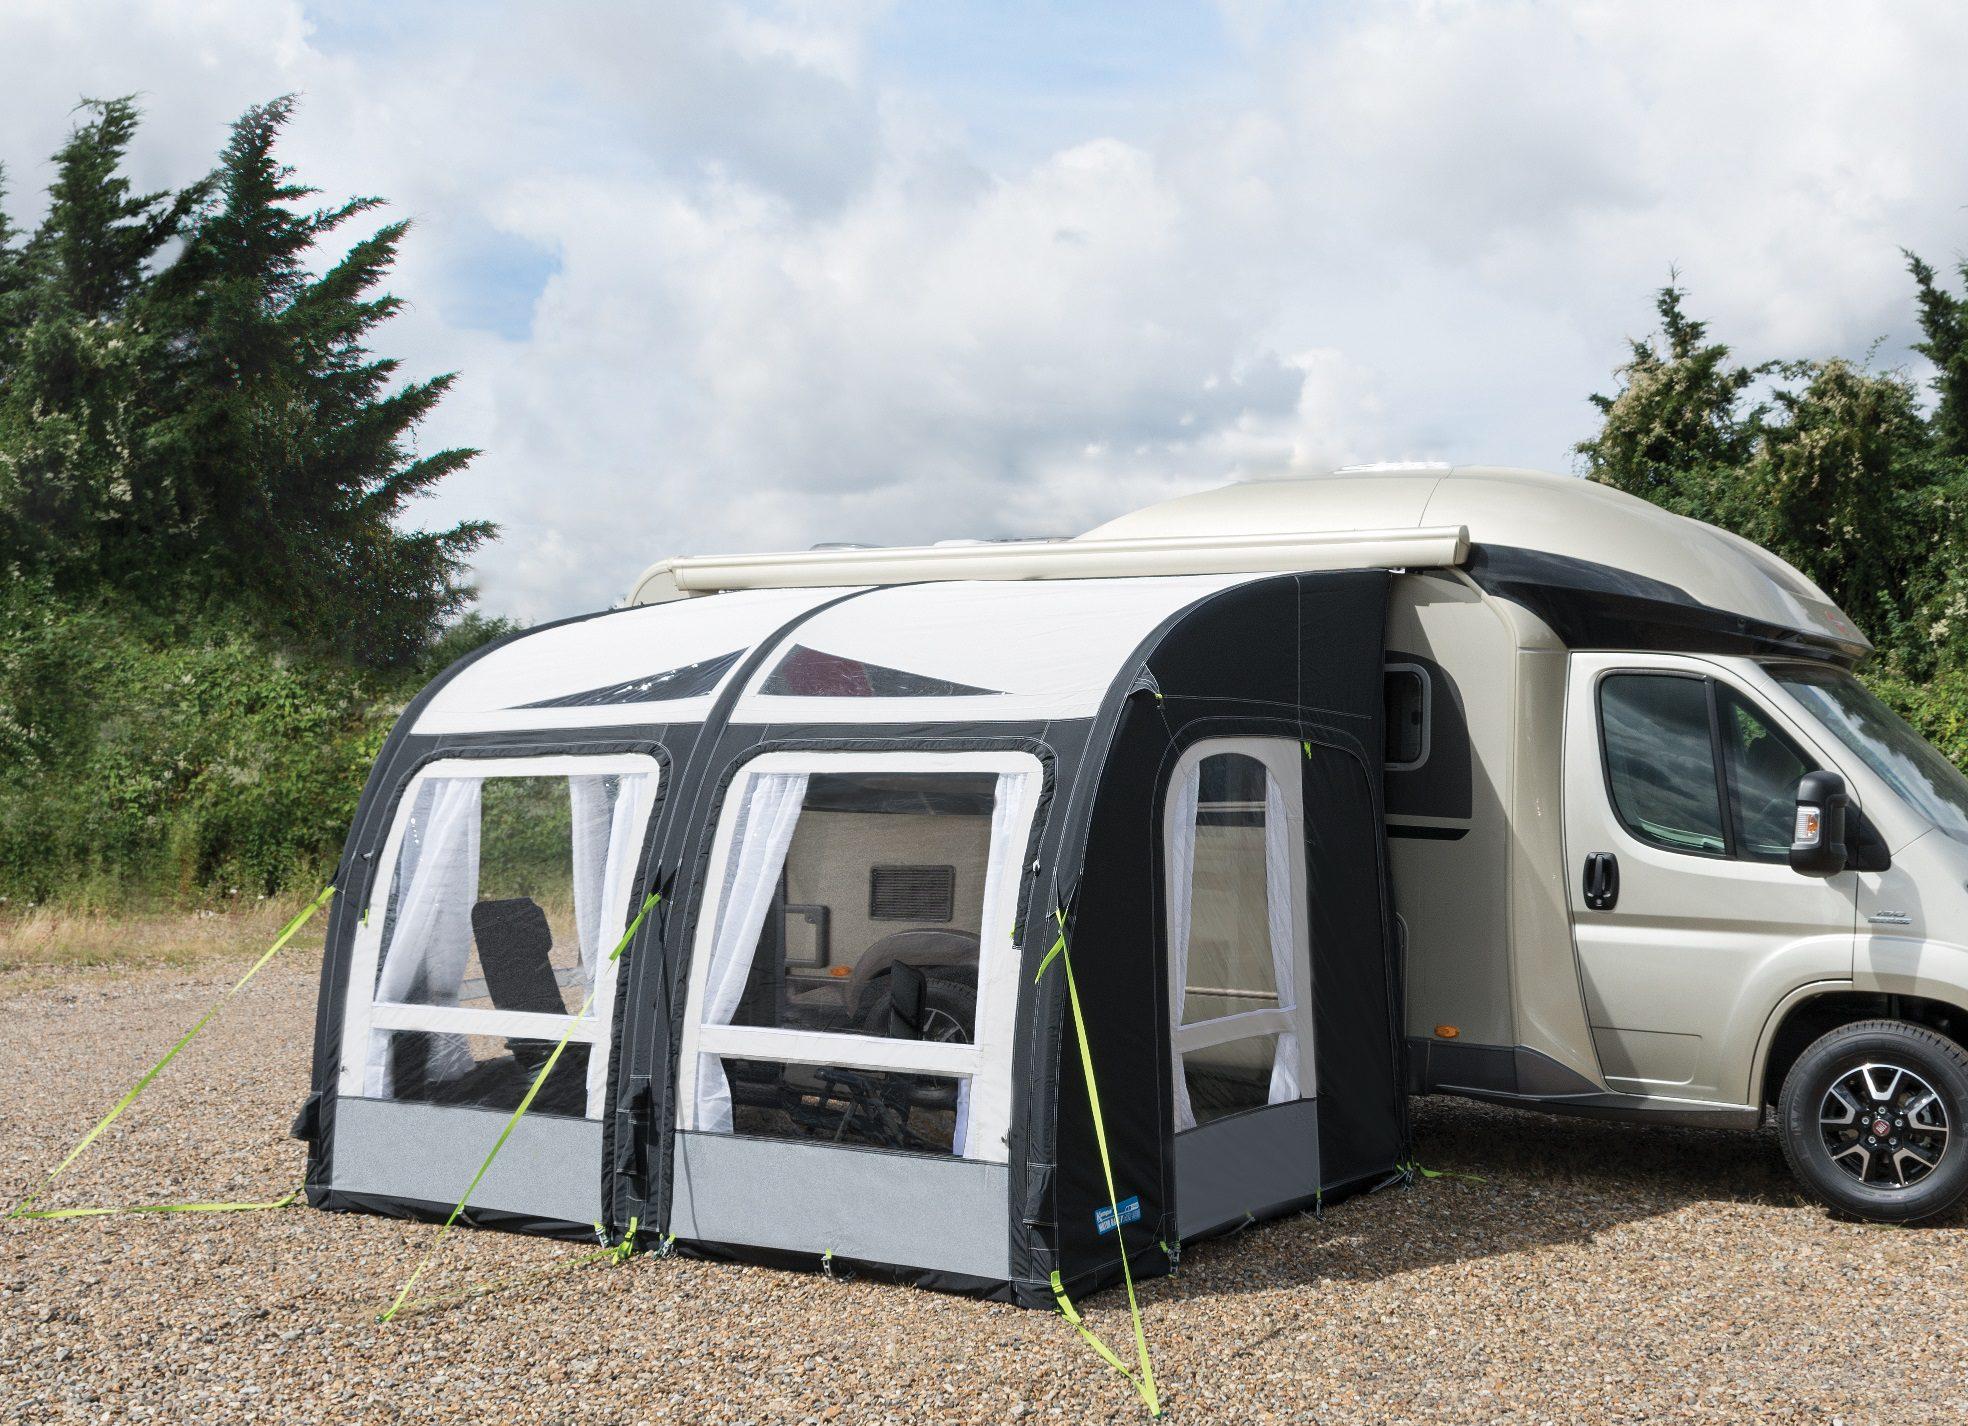 Kampa Motorhome Awnings Motorhome Awnings Norwich Camping